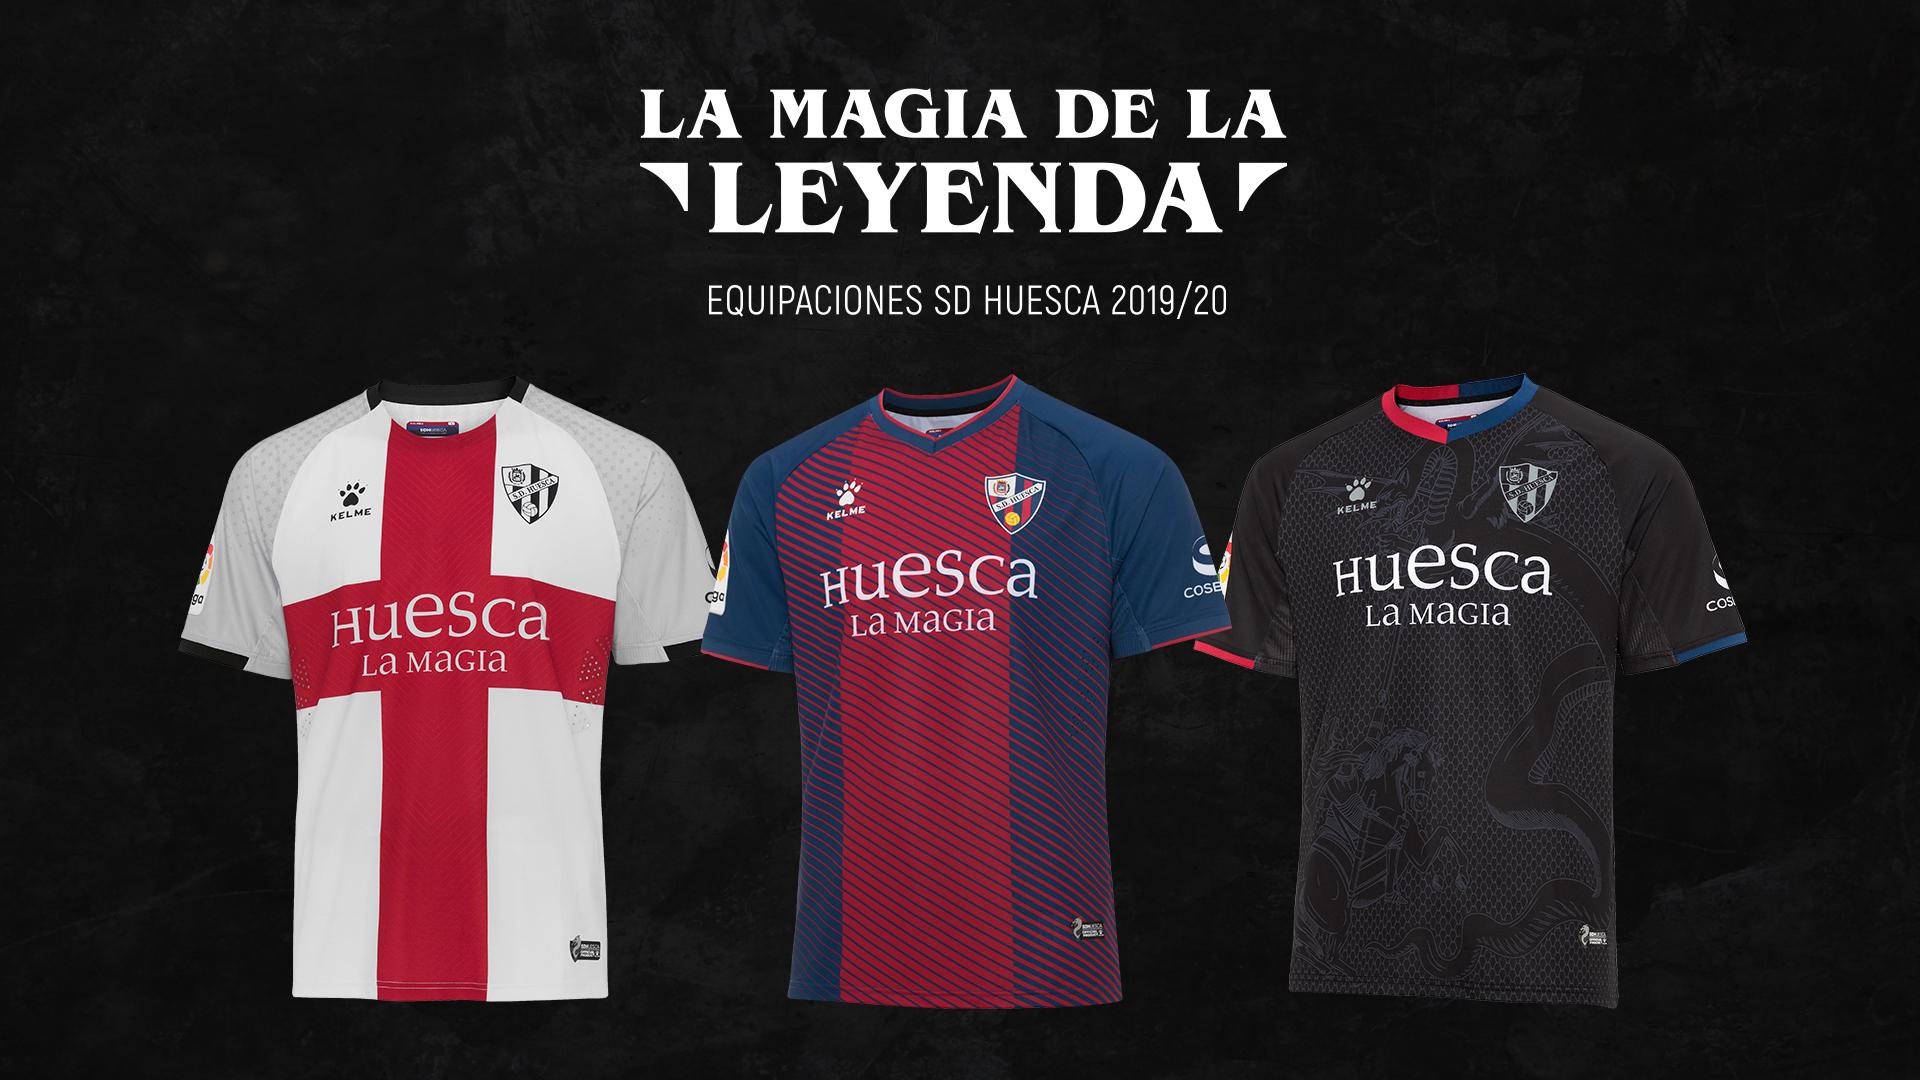 La camiseta negra de la SD Huesca en el top 3 de España